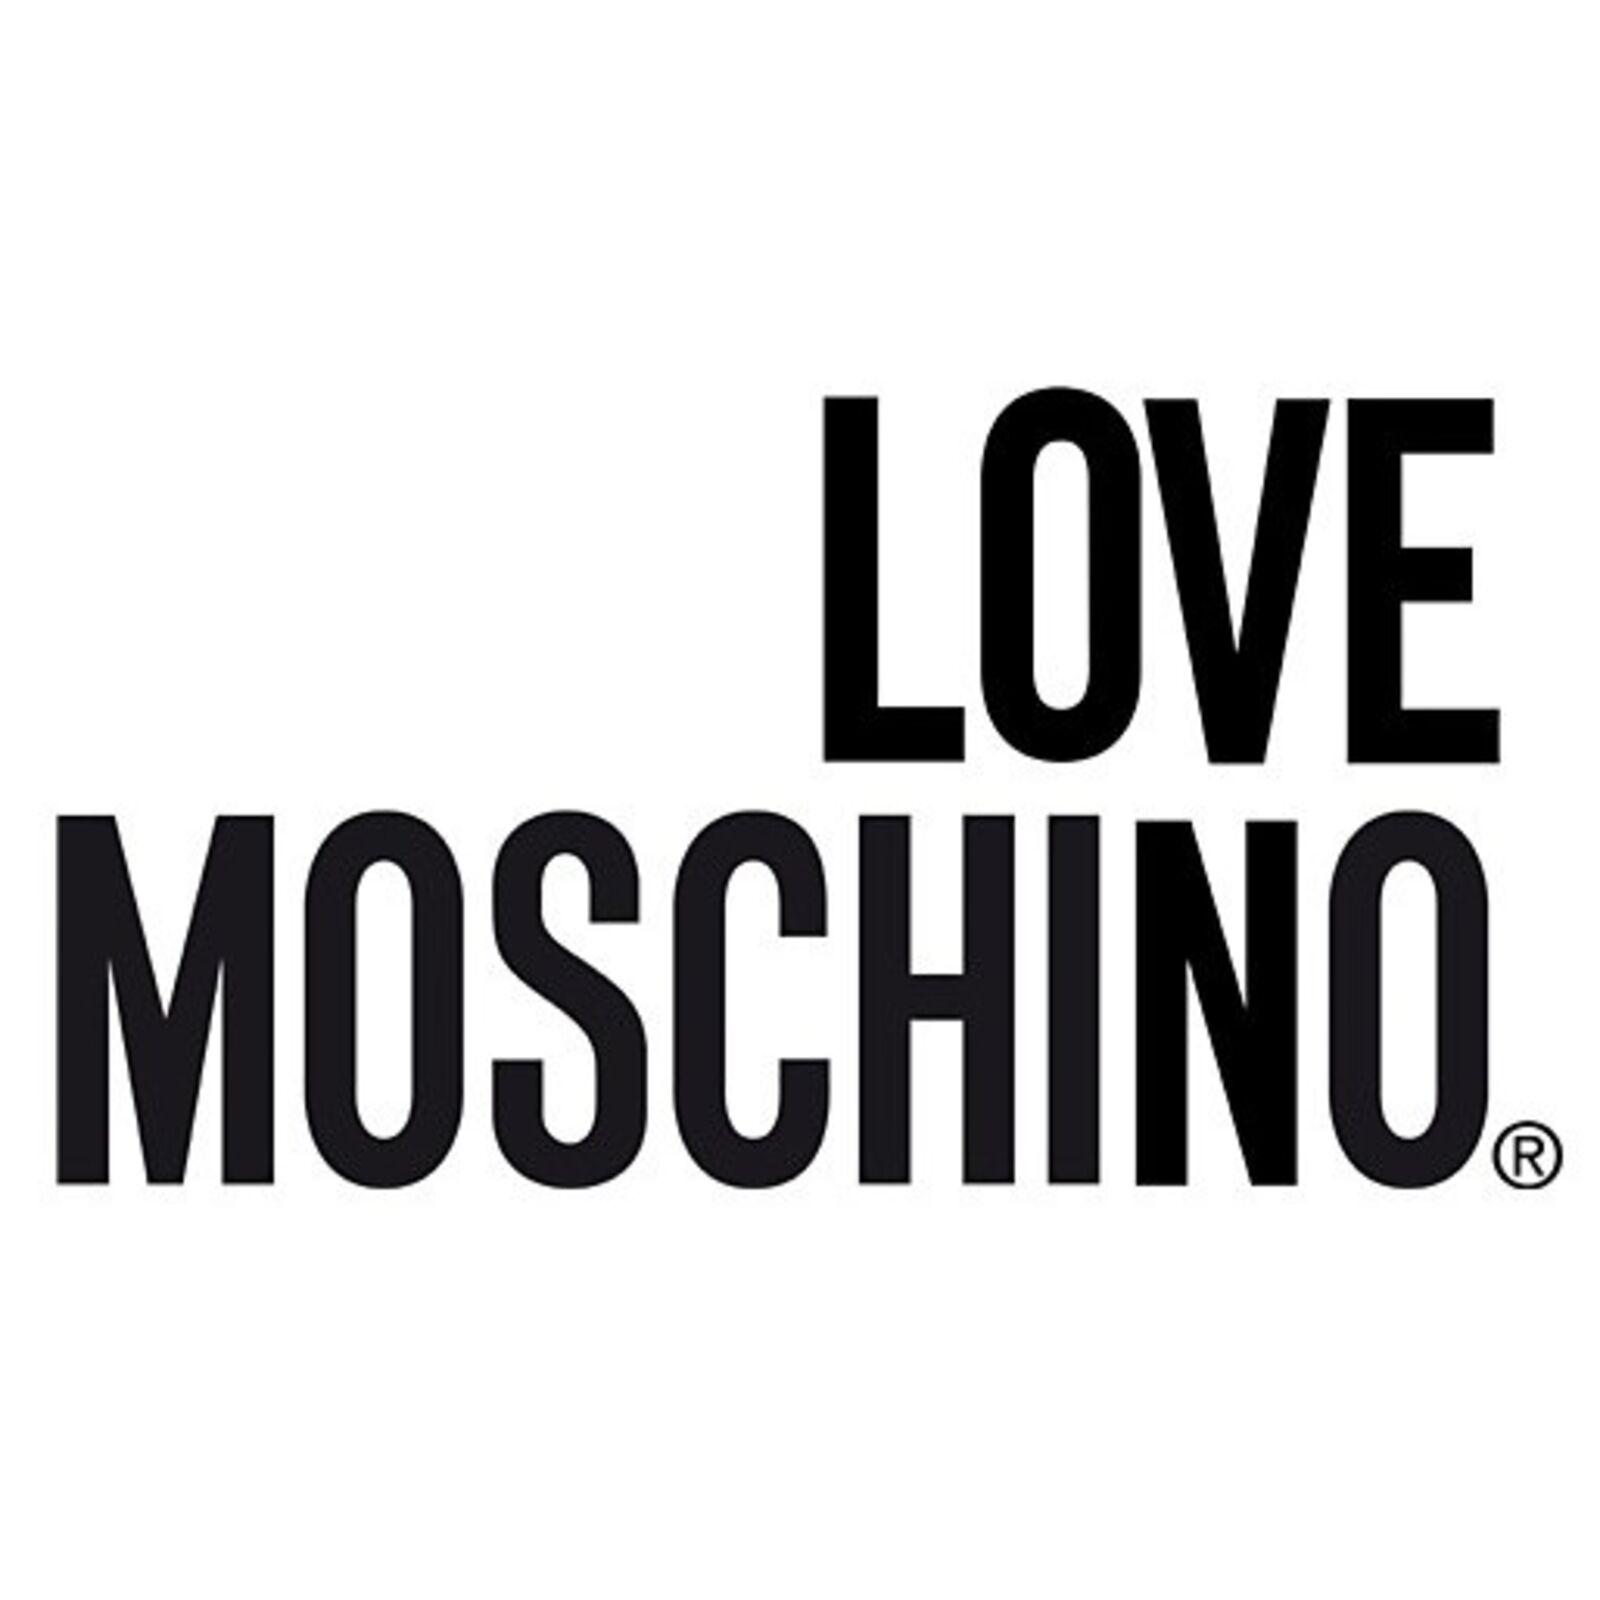 LOVE MOSCHINO (Bild 1)